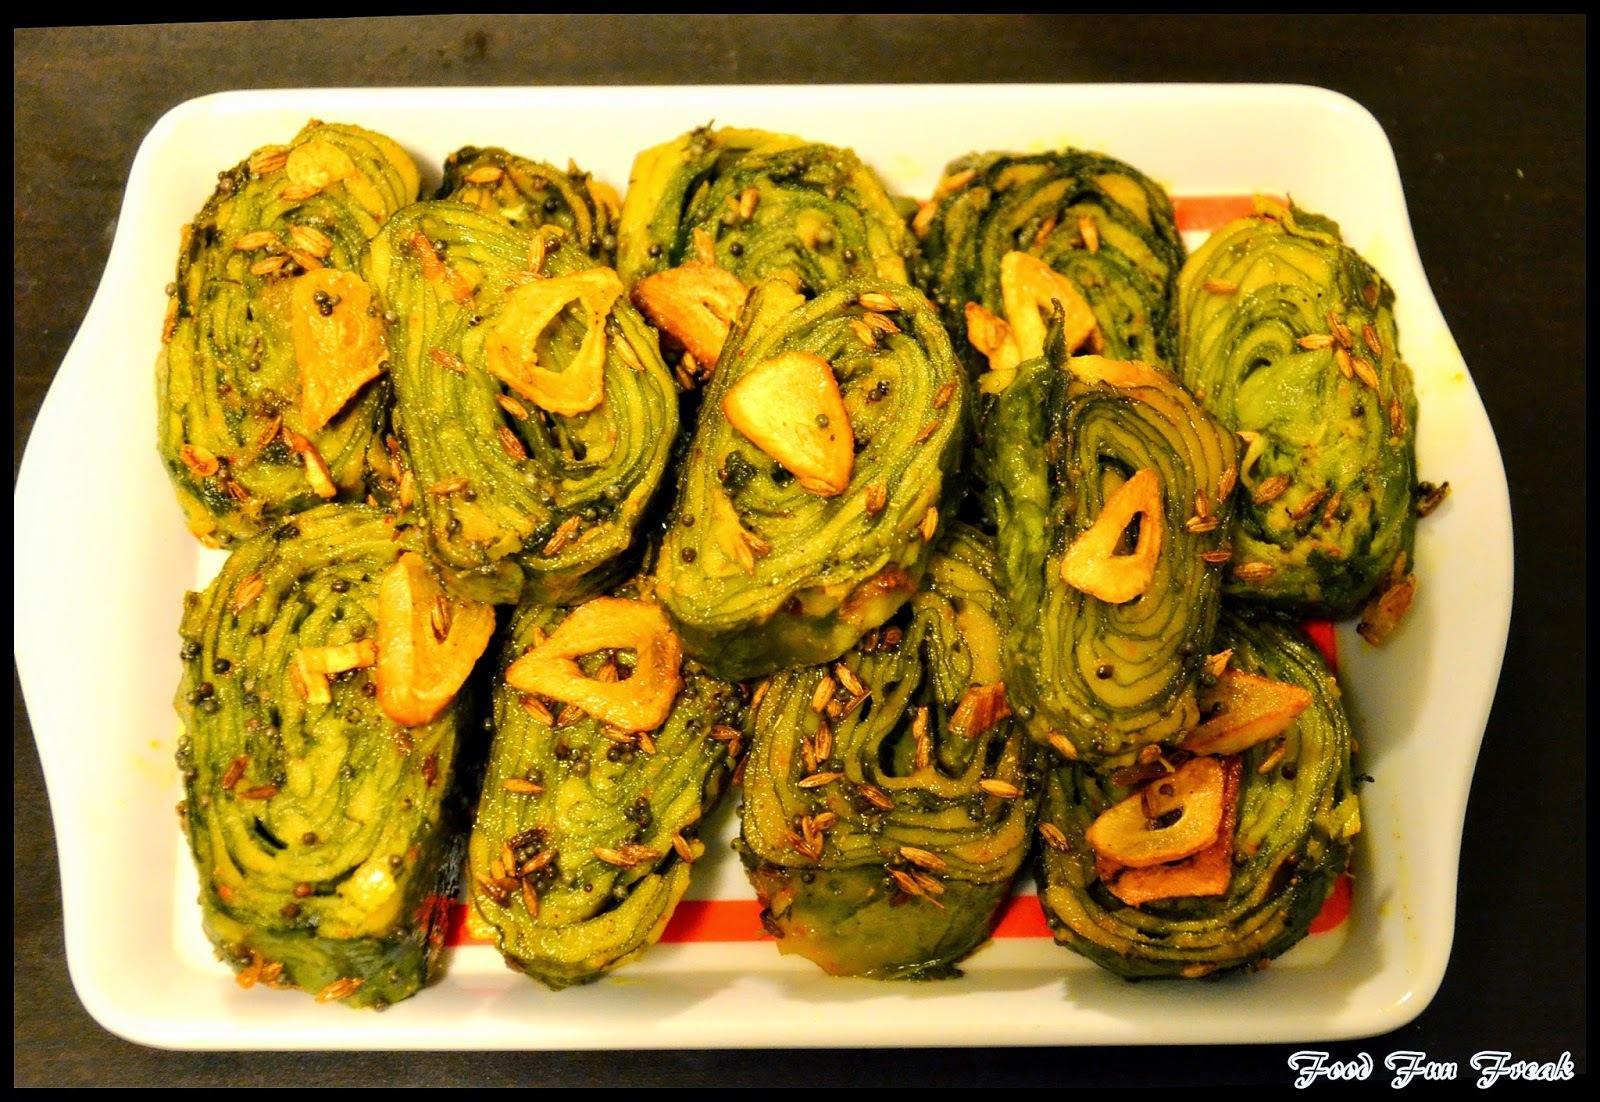 Chinese Pak Choy leaves Patrode/ Pathrode/ Patra/ Patiud/patode